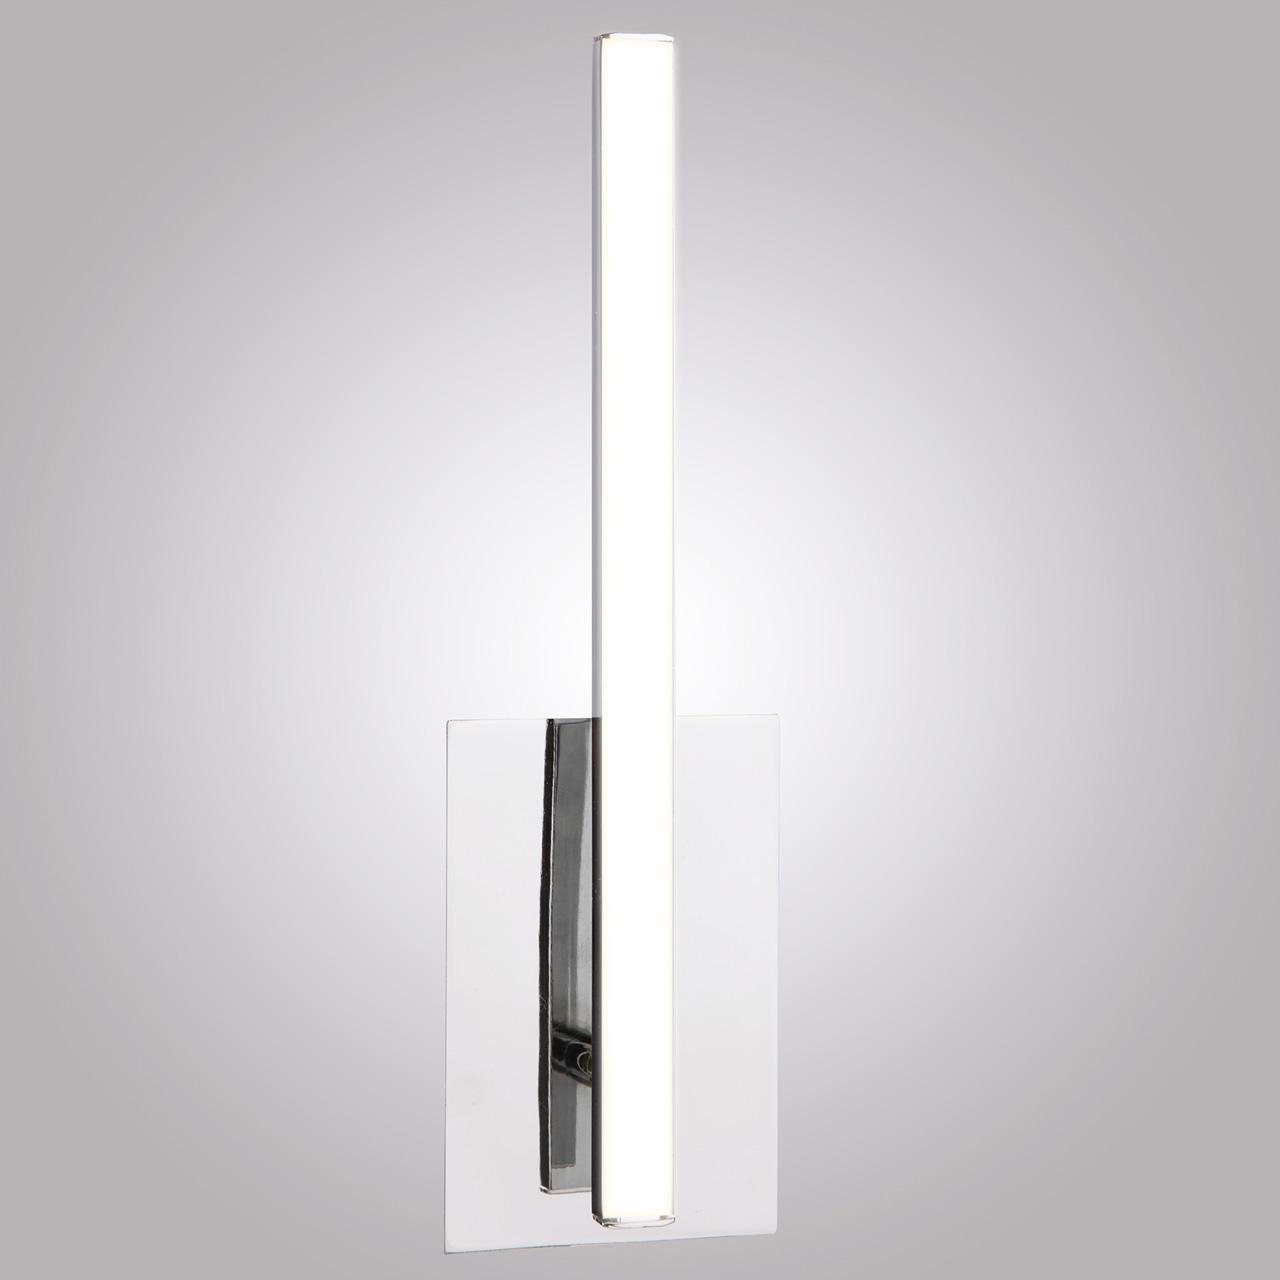 Настенный светодиодный светильник Eurosvet Хай-Тек 90020/1 хром настенный светодиодный светильник eurosvet хай тек 90020 1 хром